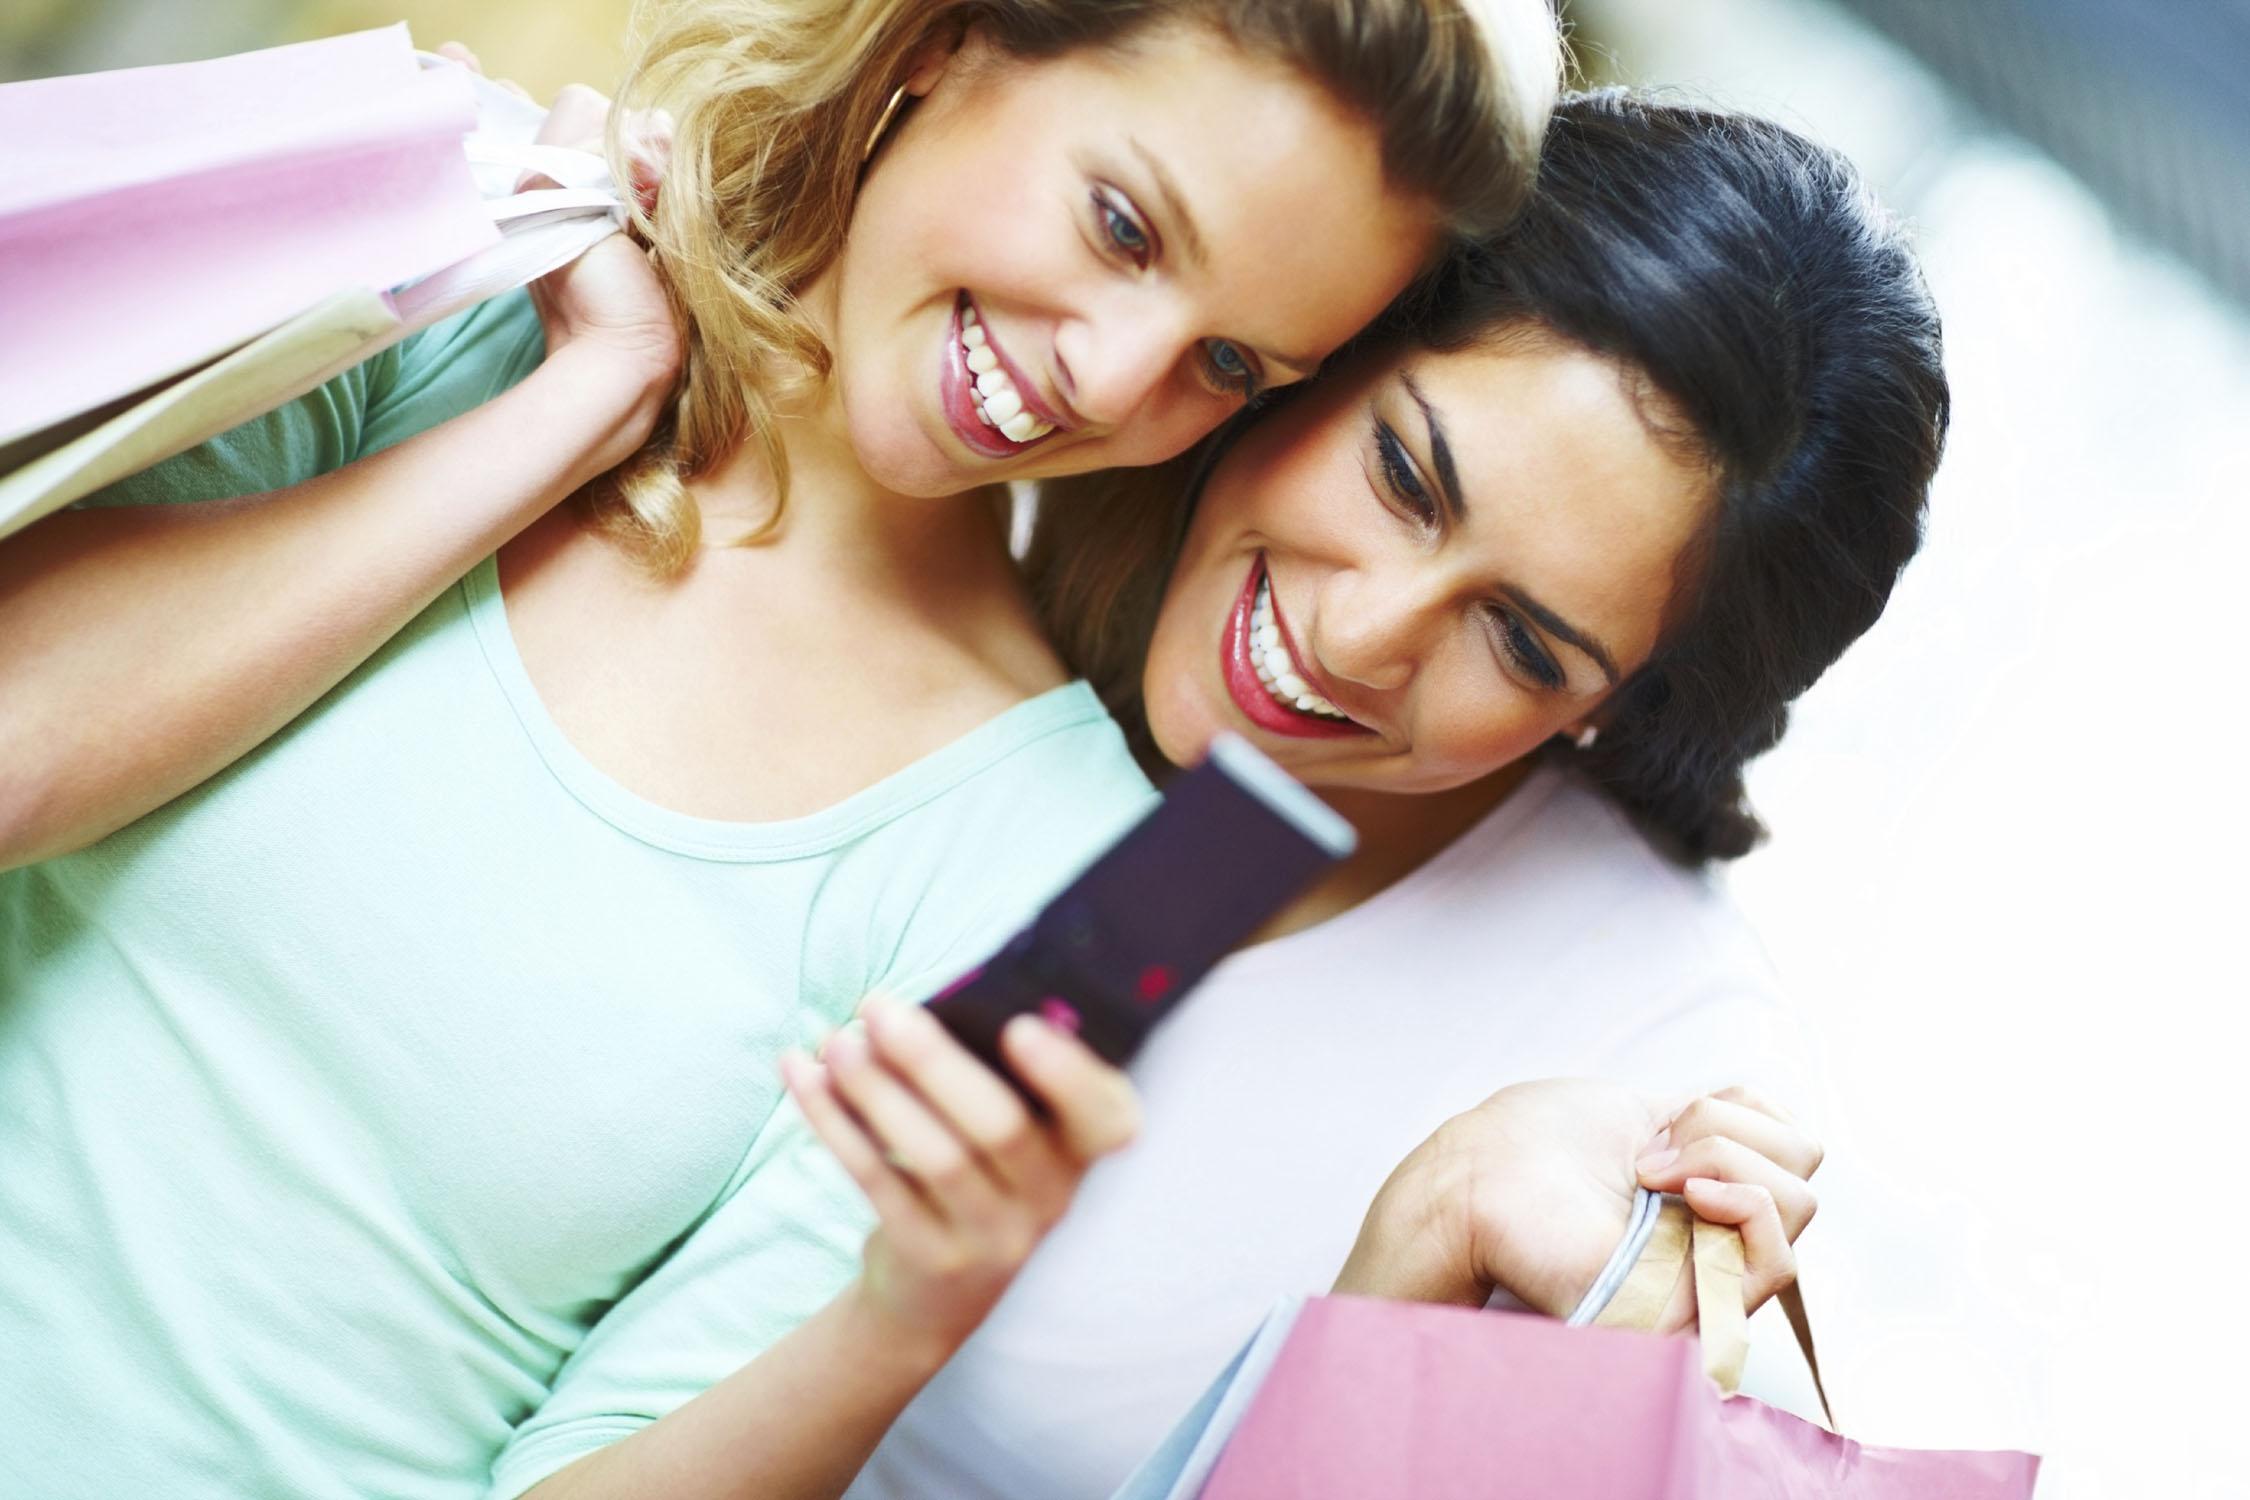 Hướng dẫn mua mã thẻ cào bằng SMS hưởng ưu đãi, chiết khấu